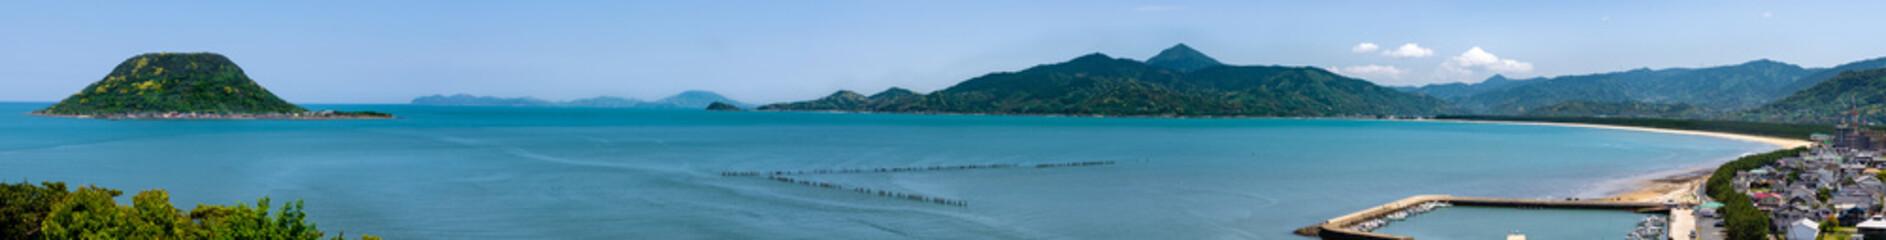 高島と虹ノ松原唐津城からの景色